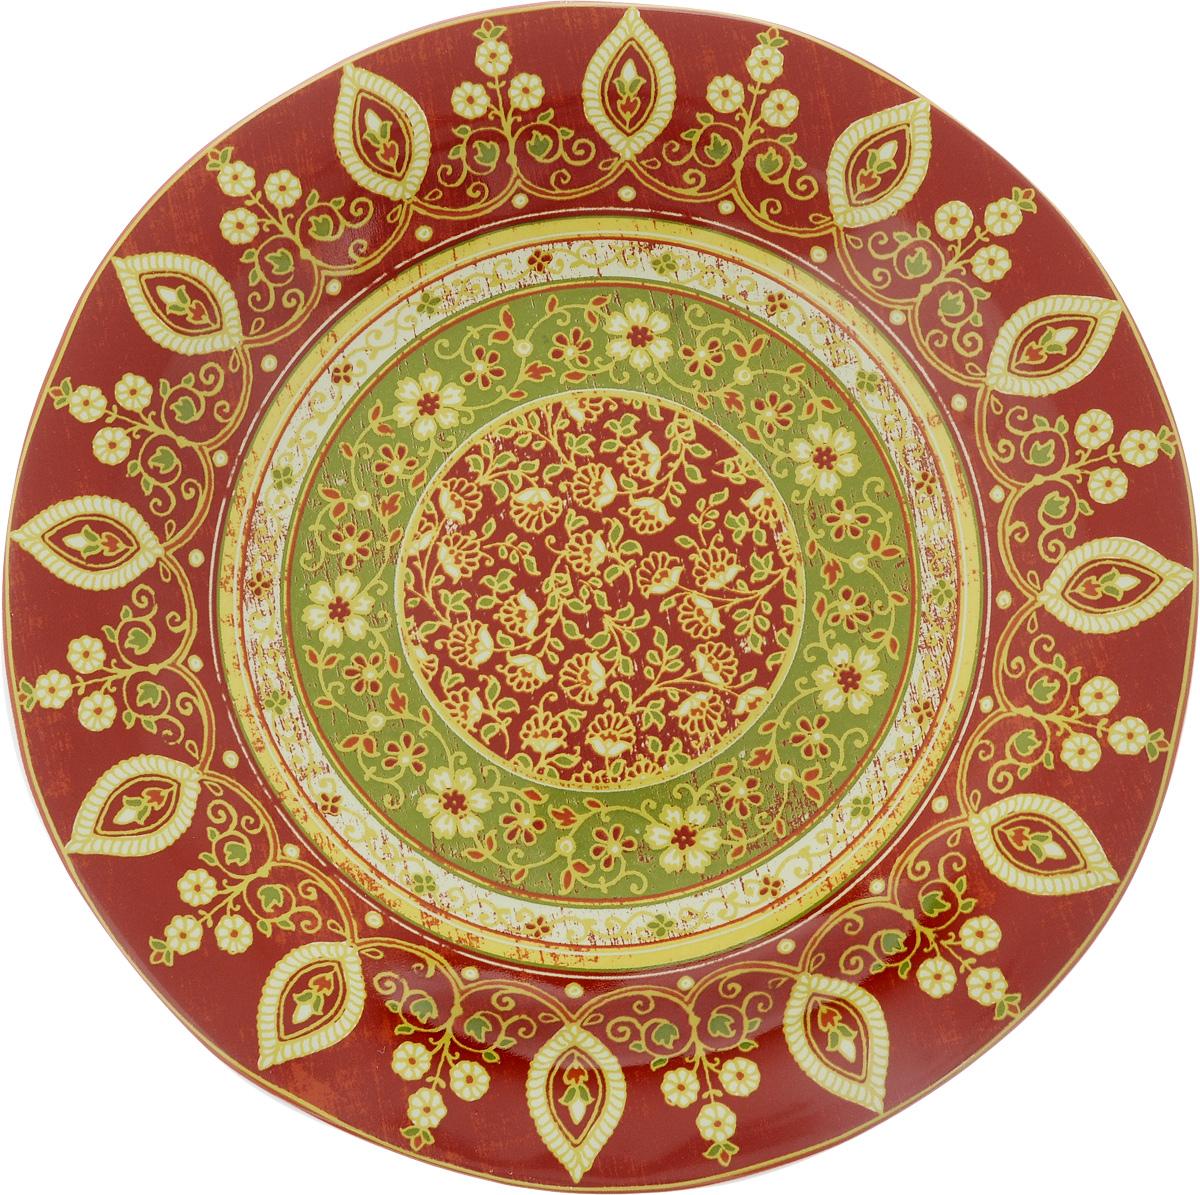 Тарелка обеденная Sango Ceramics Кашмир, диаметр 27 смUTT41110Обеденная тарелка Sango Ceramics Кашмир, изготовленная из высококачественной керамики, имеет изысканный внешний вид. Она идеально подходит для красивой сервировки стола. Изделие прекрасно впишется в интерьер вашей кухни и станет достойным дополнением к кухонному инвентарю. Тарелка Sango Ceramics Кашмир подчеркнет прекрасный вкус хозяйки и станет отличным подарком. Можно мыть в посудомоечной машине и использовать в микроволновой печи. Диаметр тарелки (по верхнему краю): 27 см. Высота тарелки: 3 см.